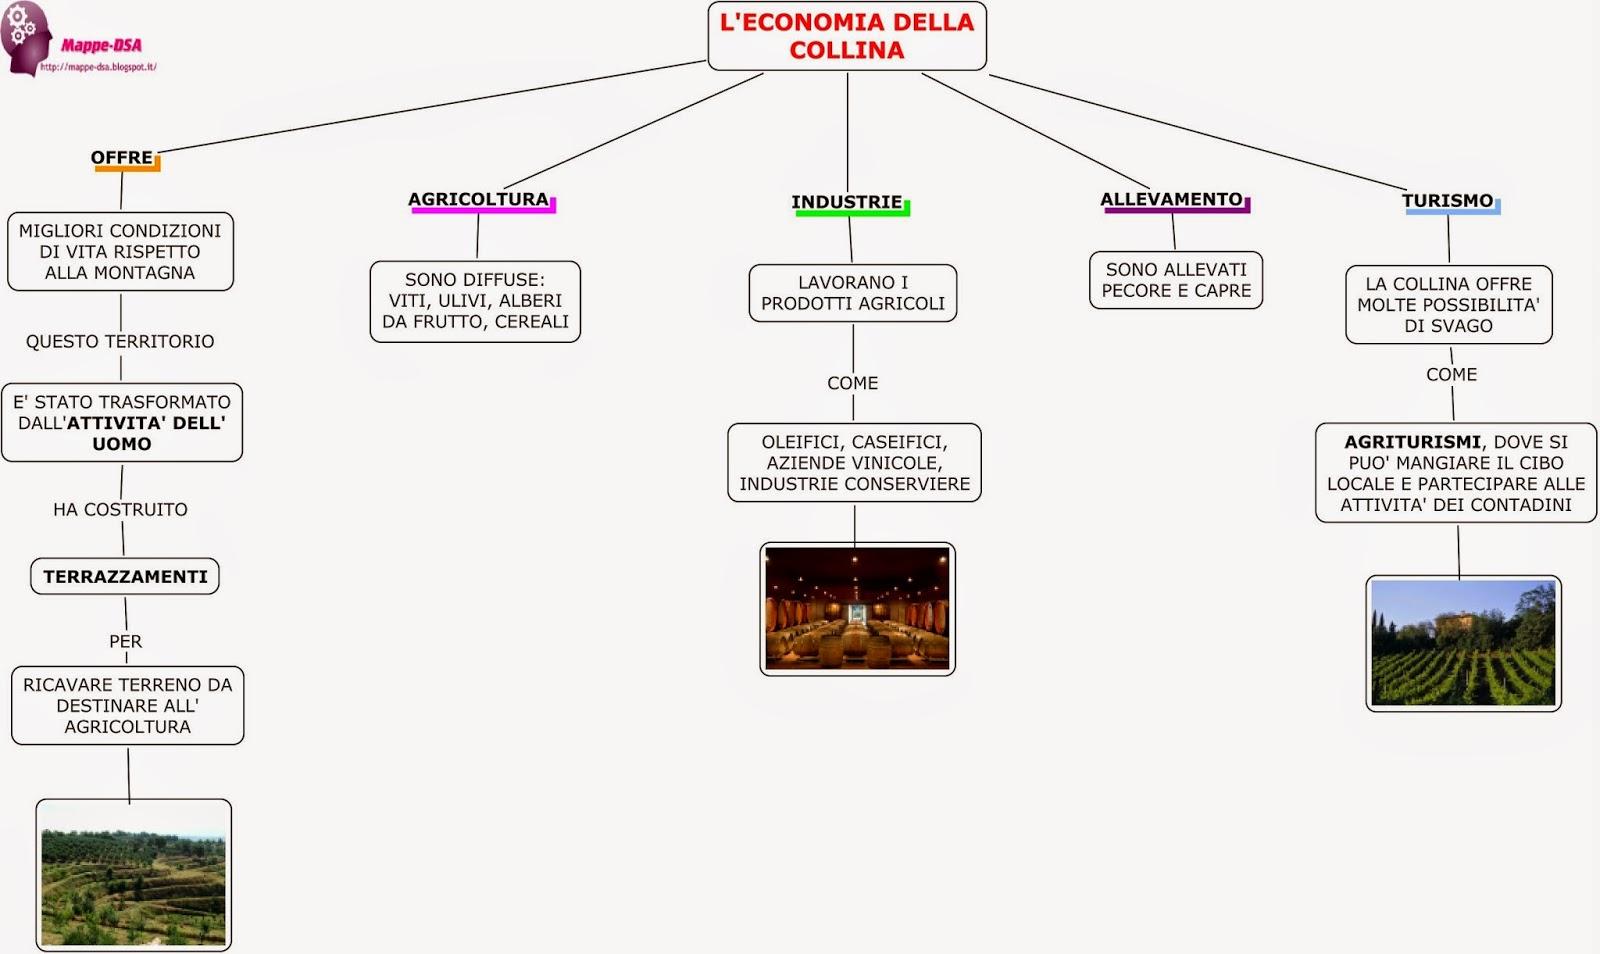 mappa schema dsa economia collina